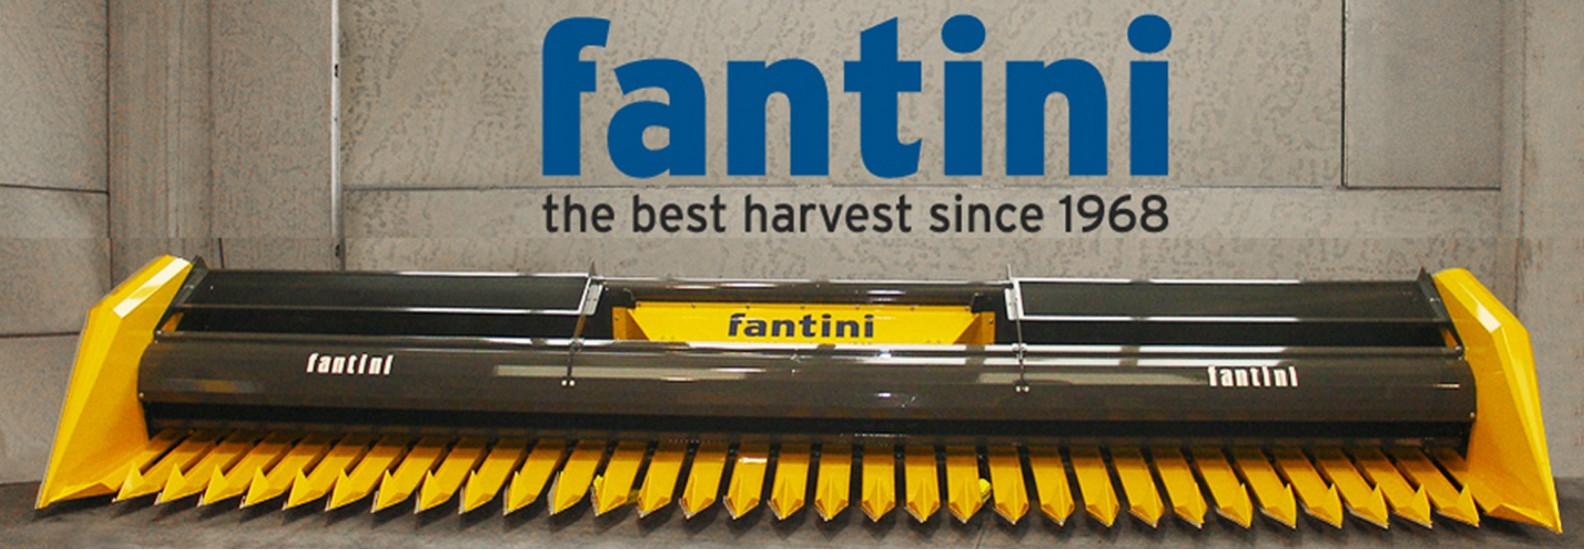 fantini2